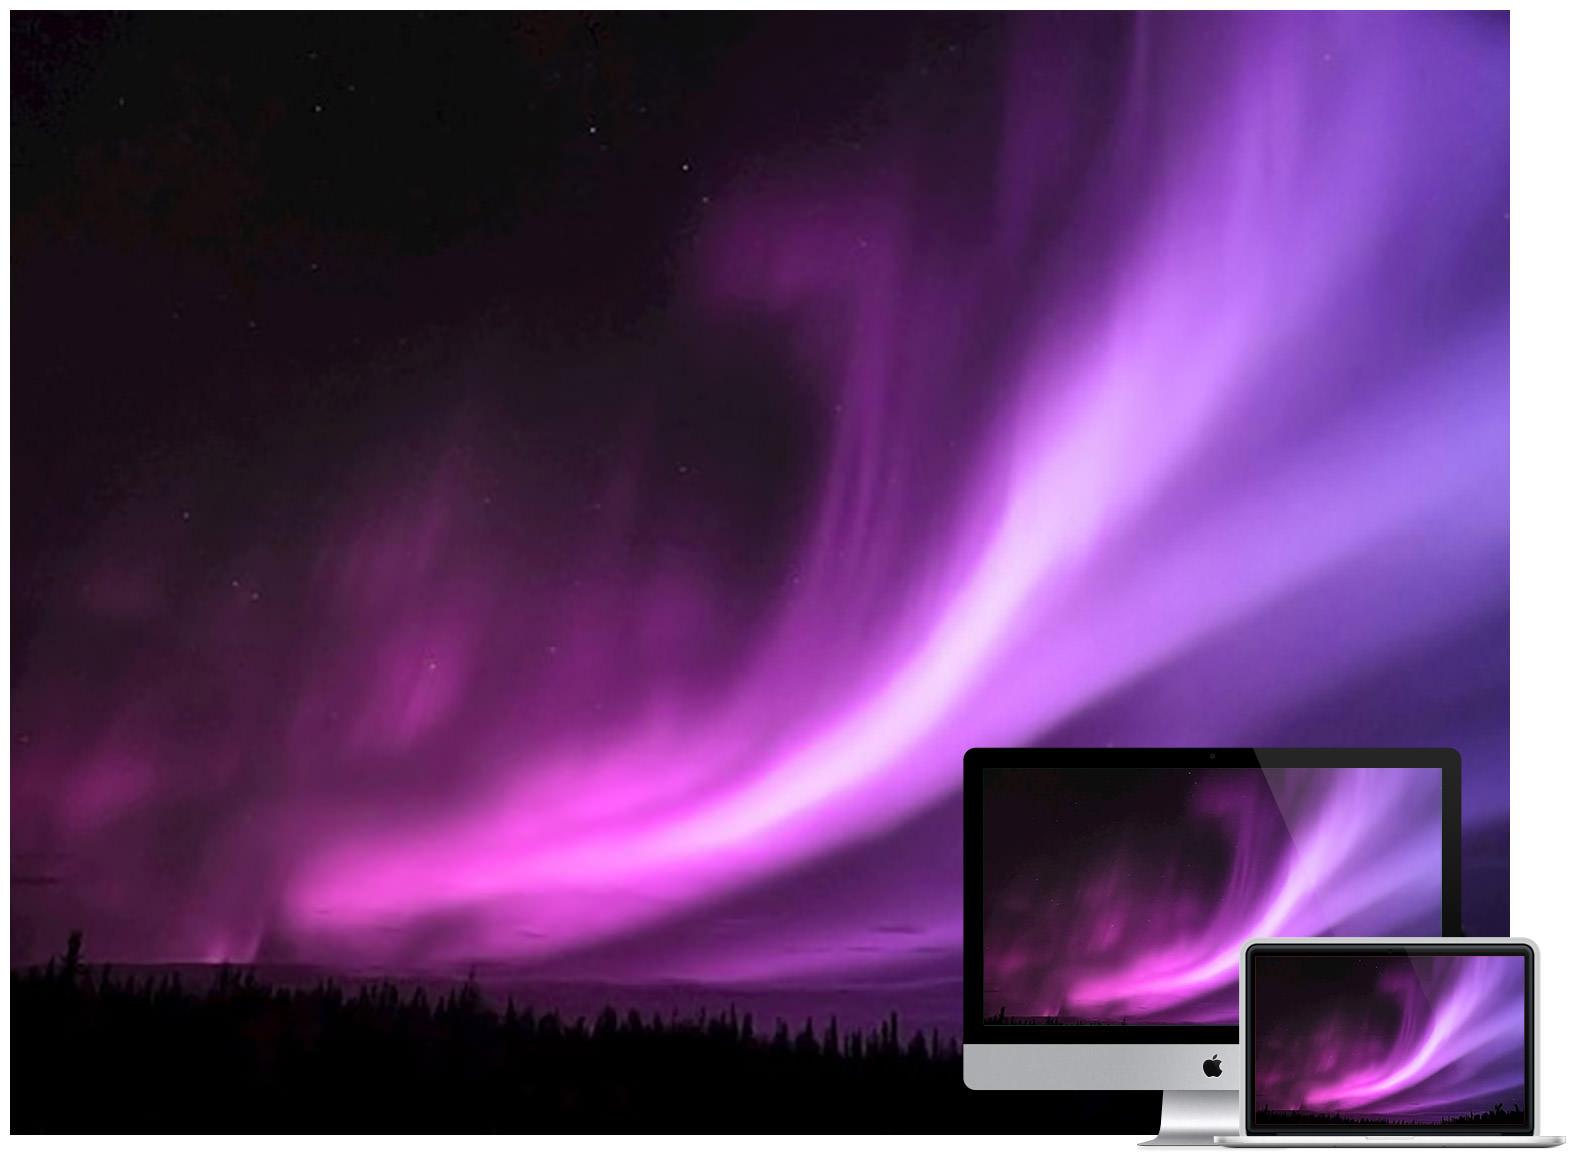 vivid-pink-borealis